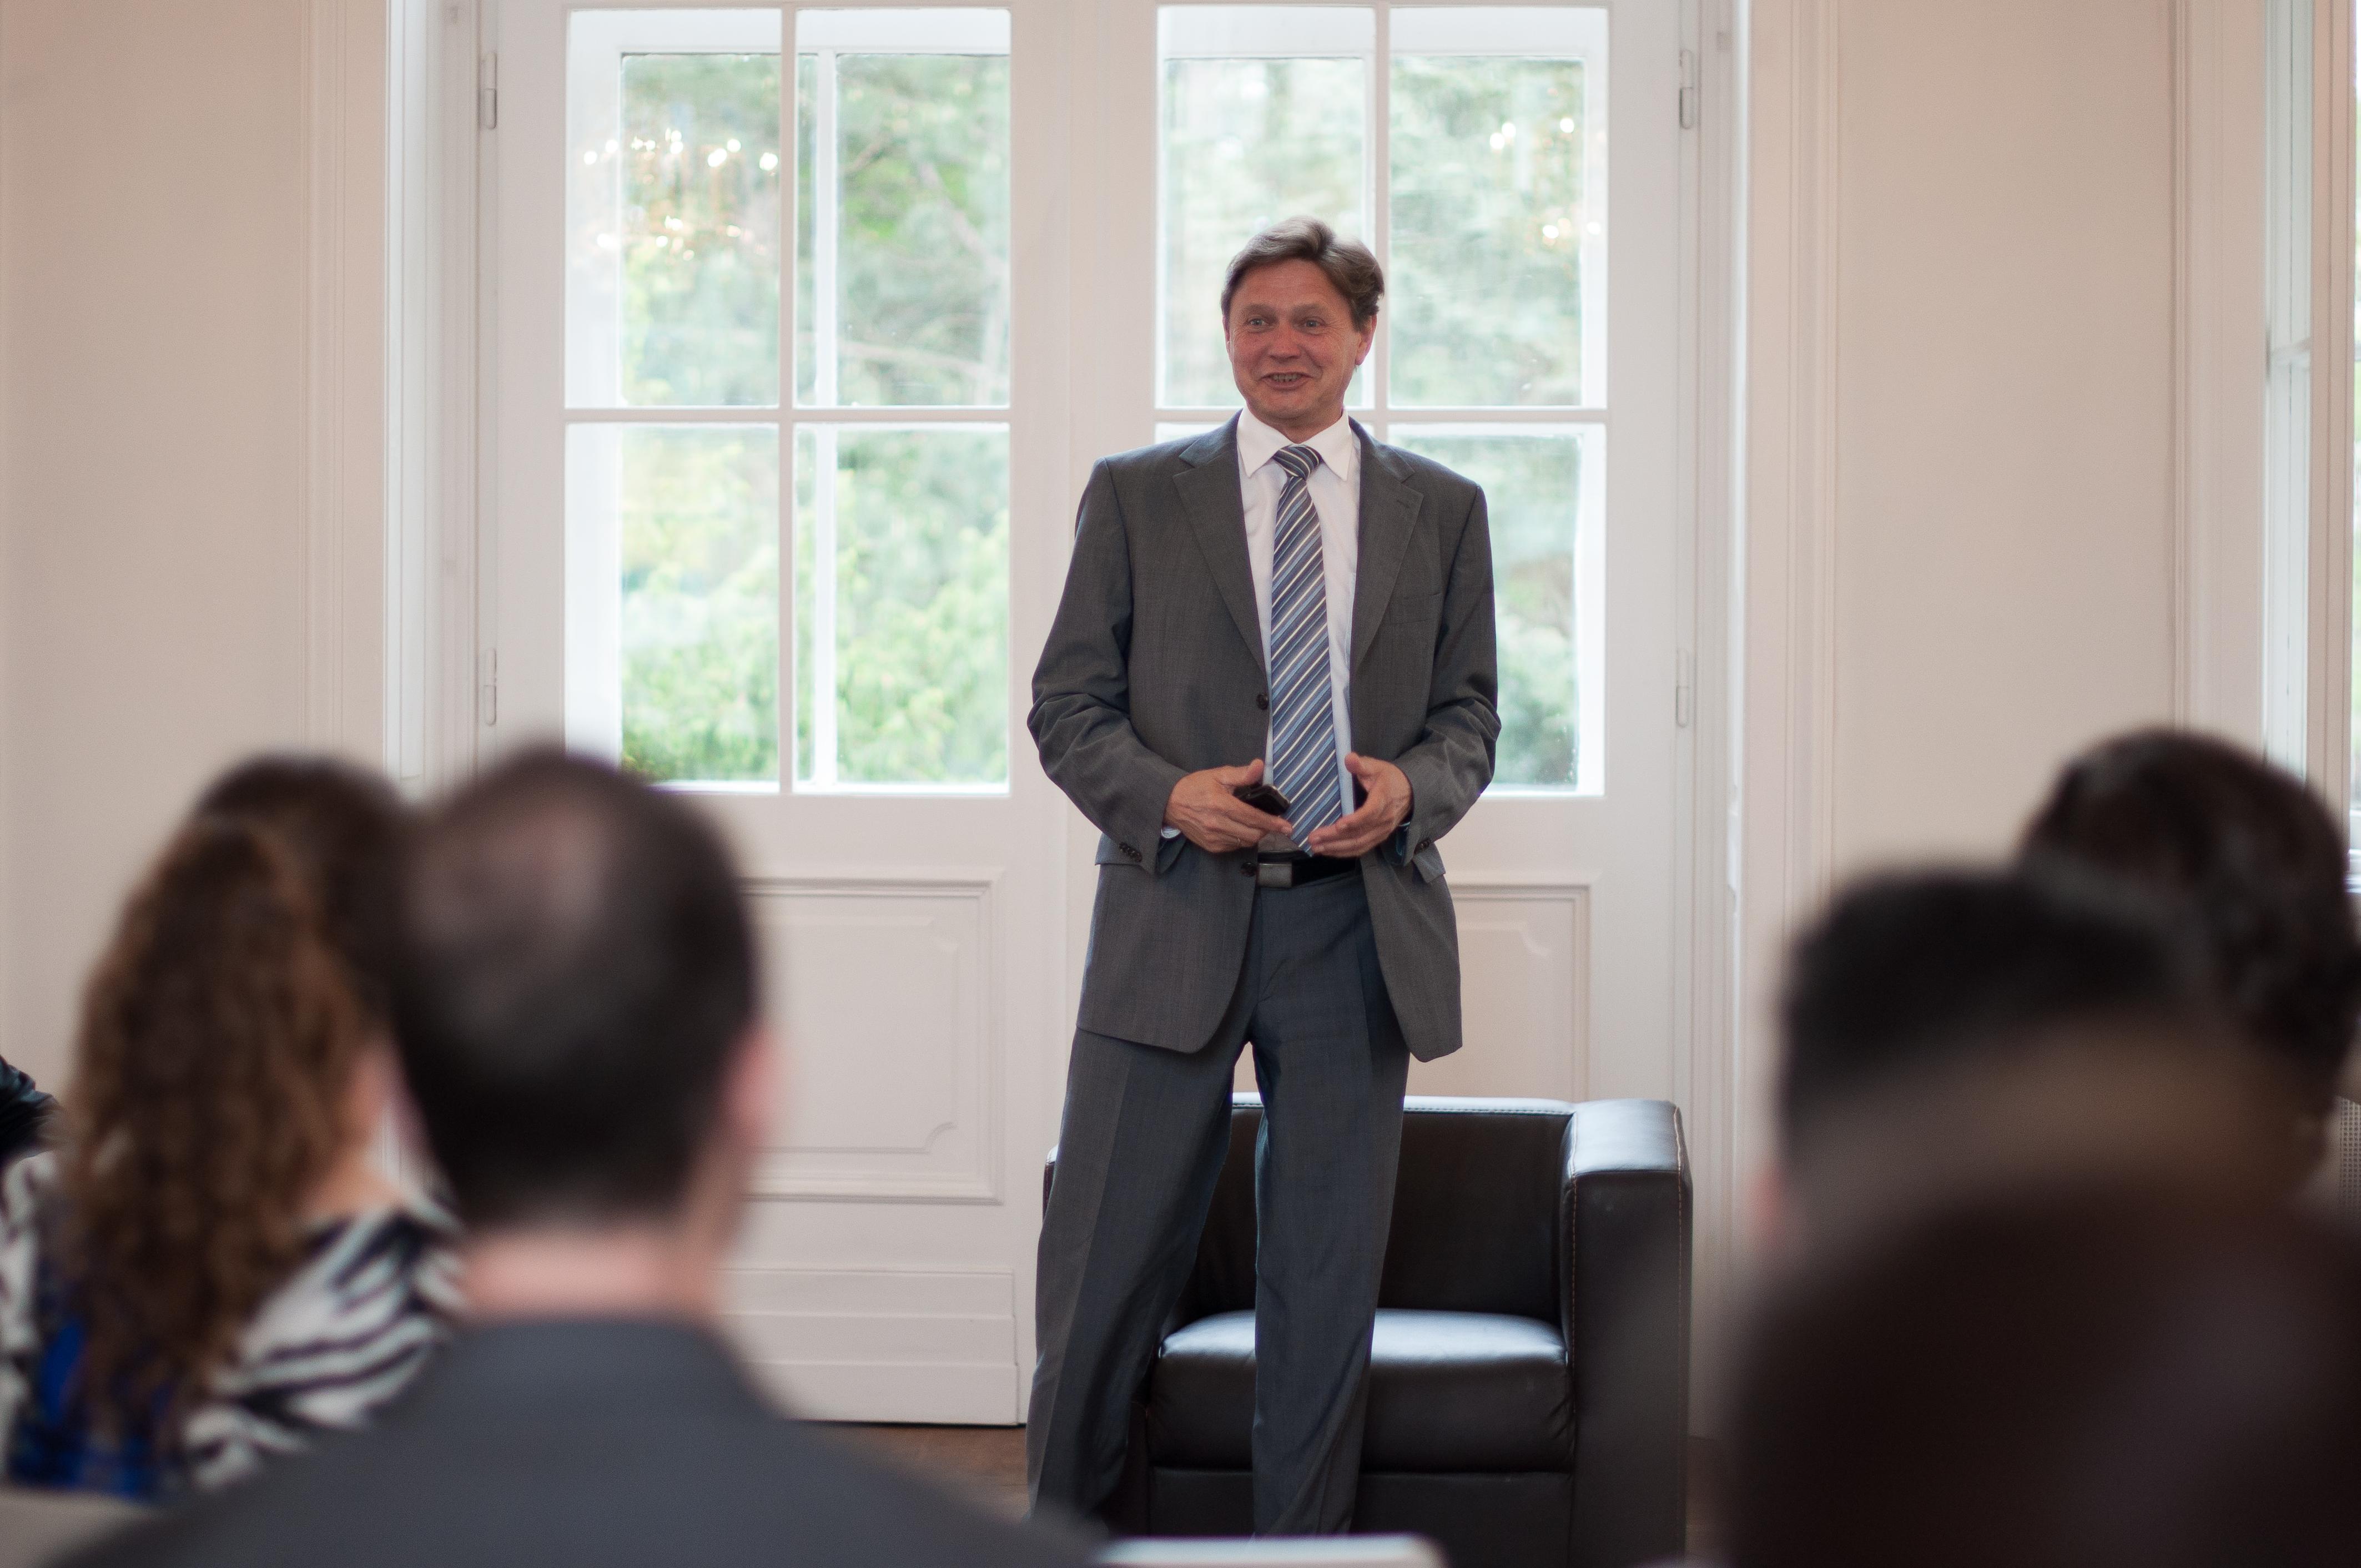 Mr. Anzengruber, CEO of VERBUND